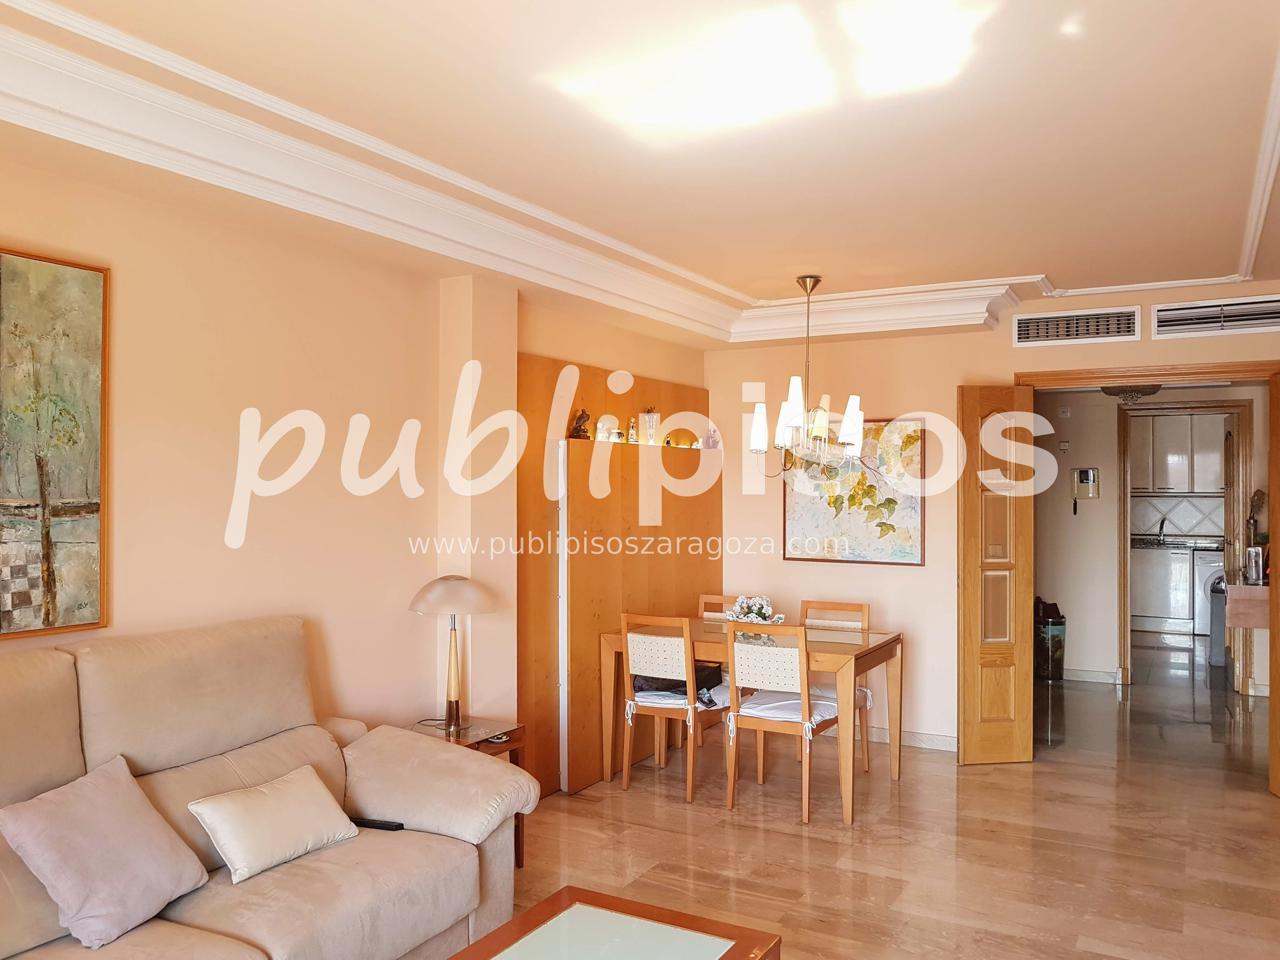 Alquiler piso ático Actur Zaragoza-26